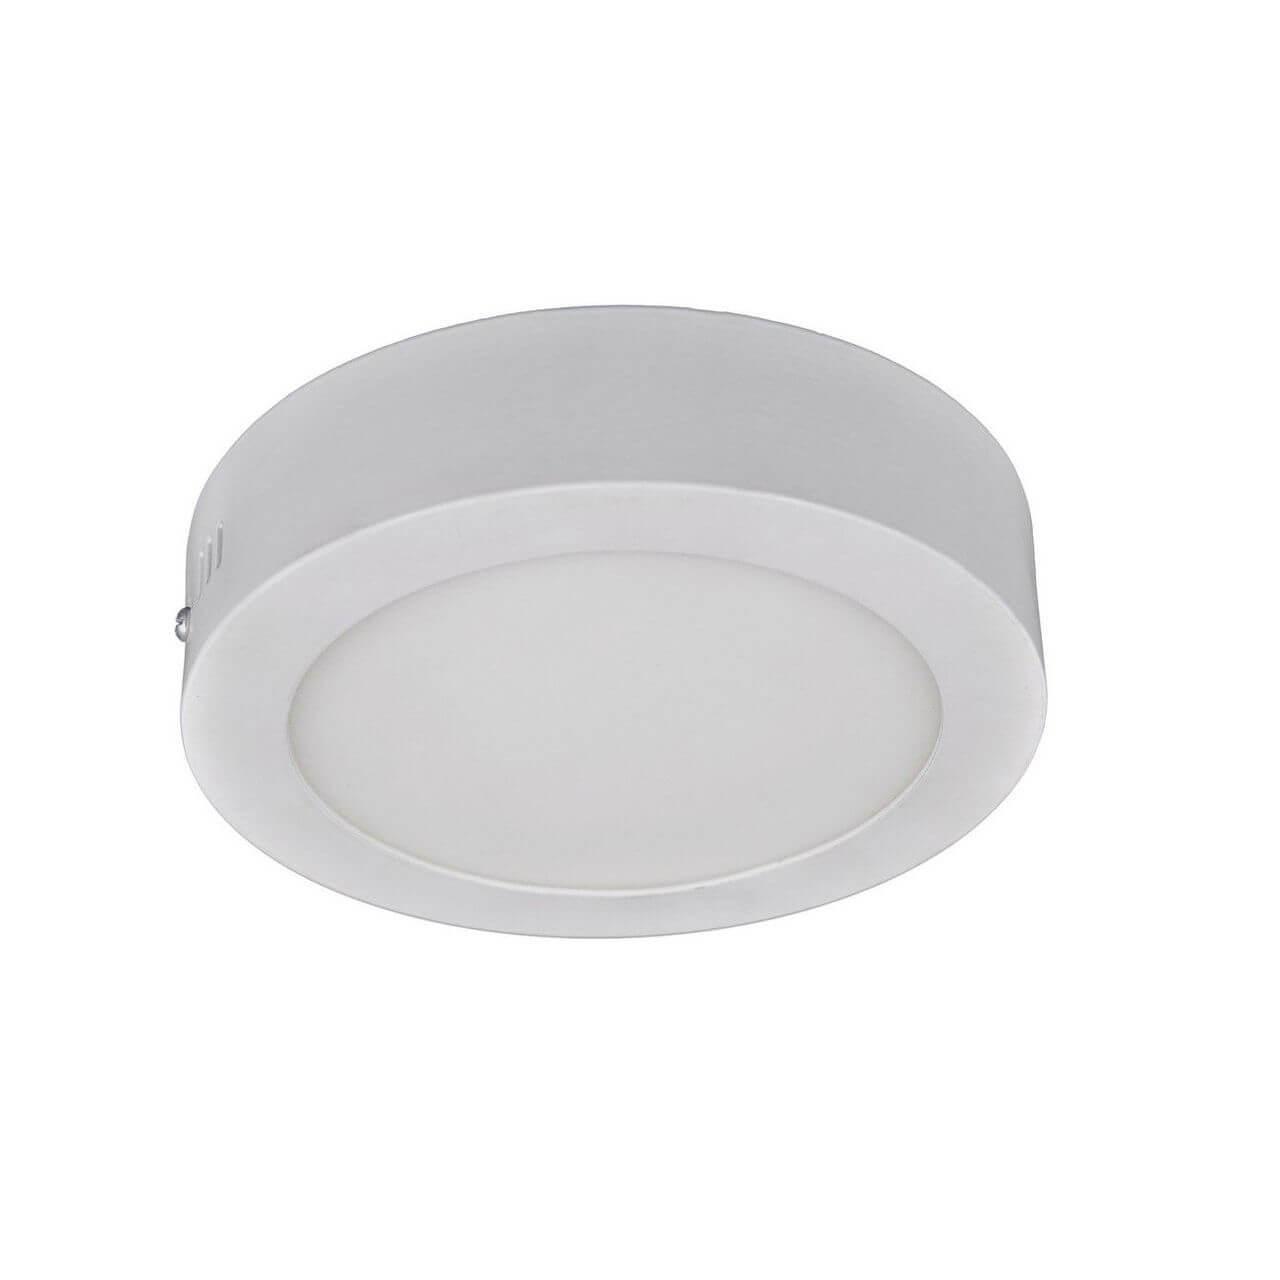 Потолочный светодиодный светильник Arte Lamp Angolo A3008PL-1WH светильник потолочный arte lamp rails kits цвет белый 1 х e14 40 w a3056pl 1wh